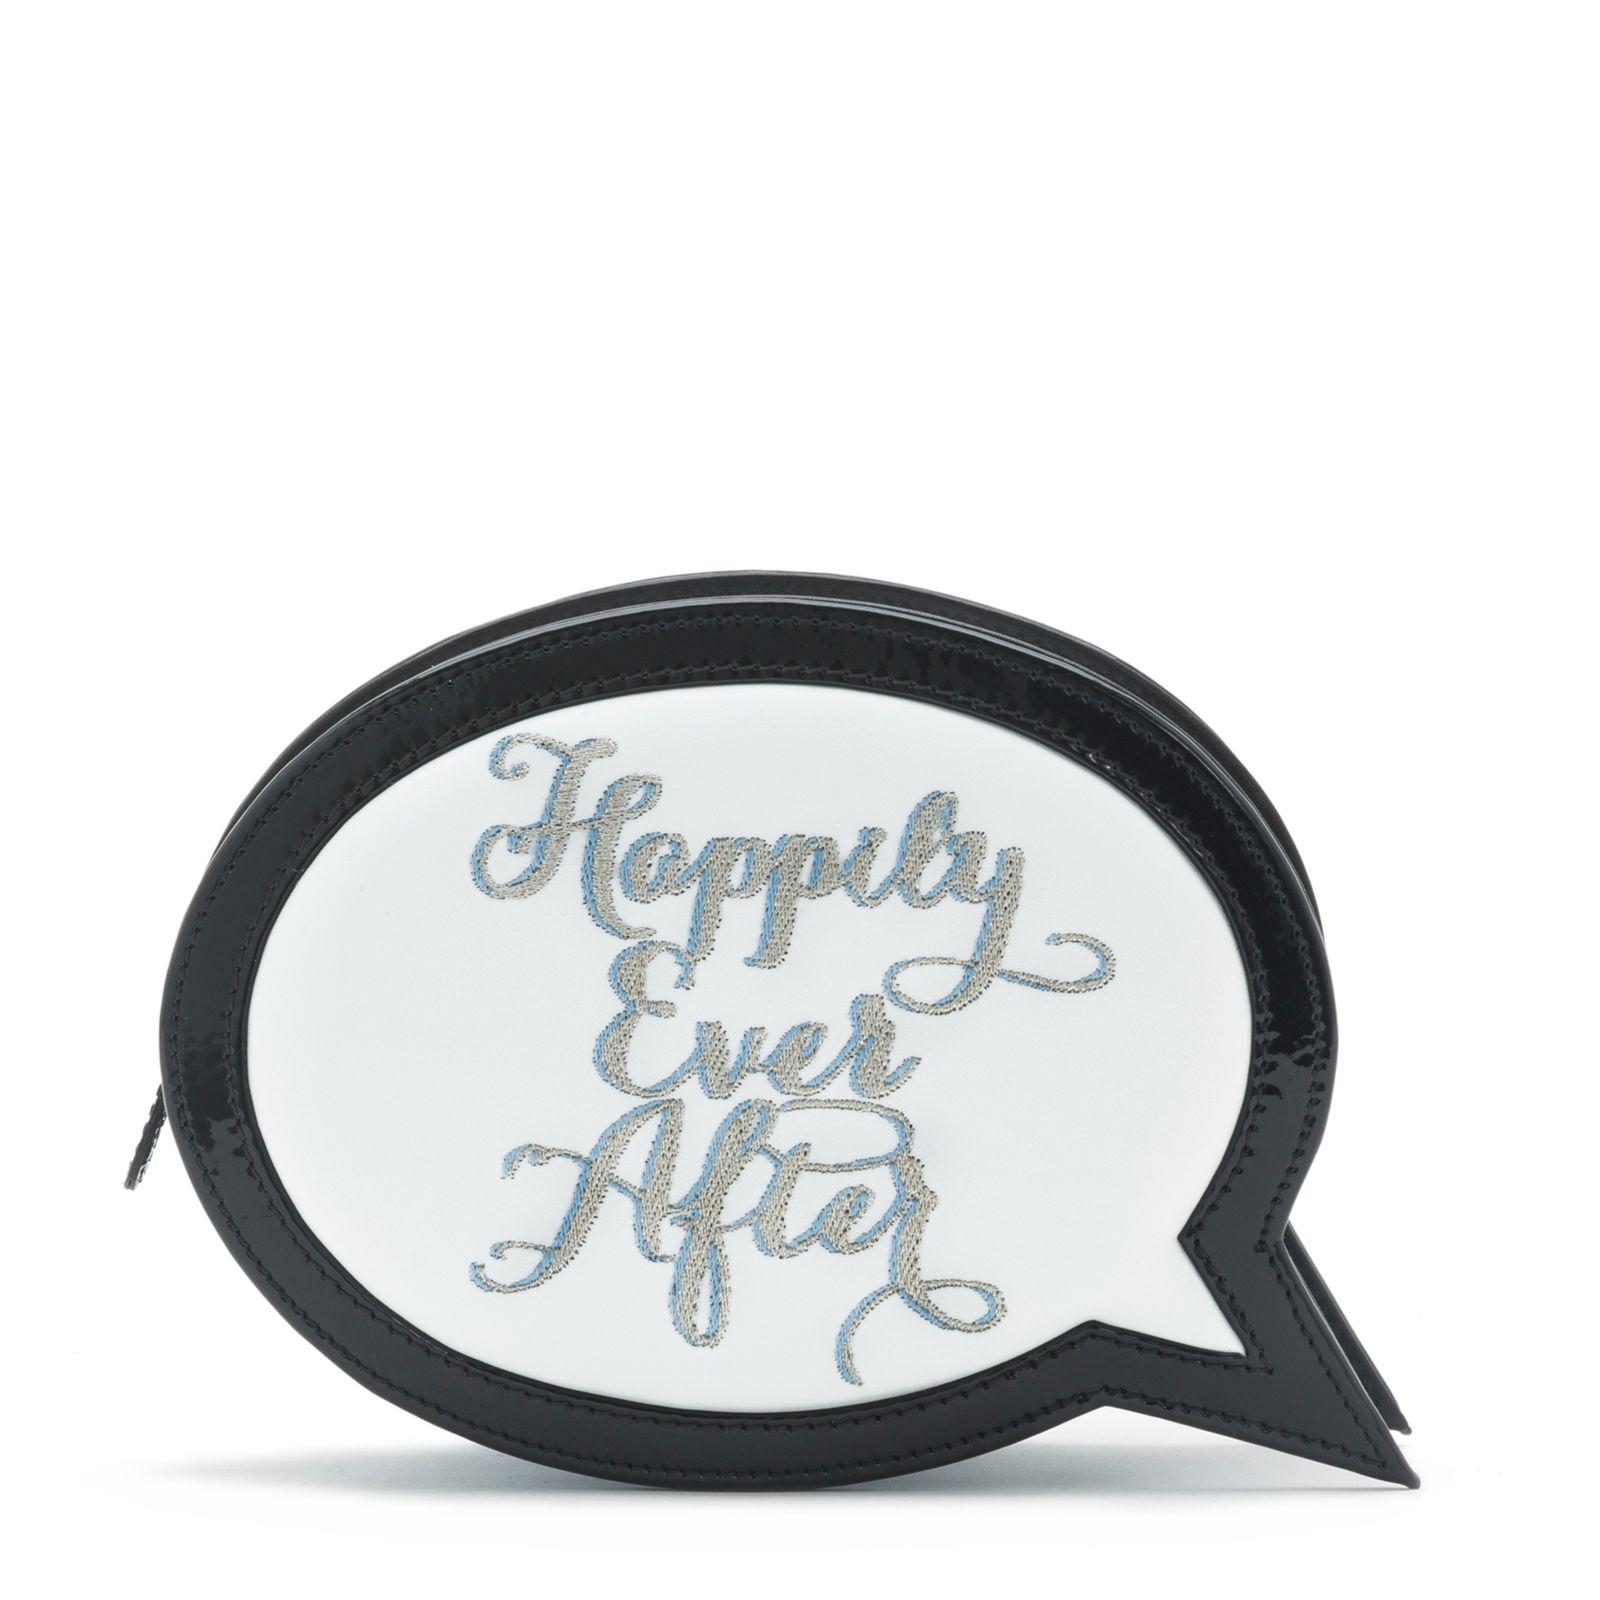 happily-ever-after-swbrbag15001-1.461.jpg